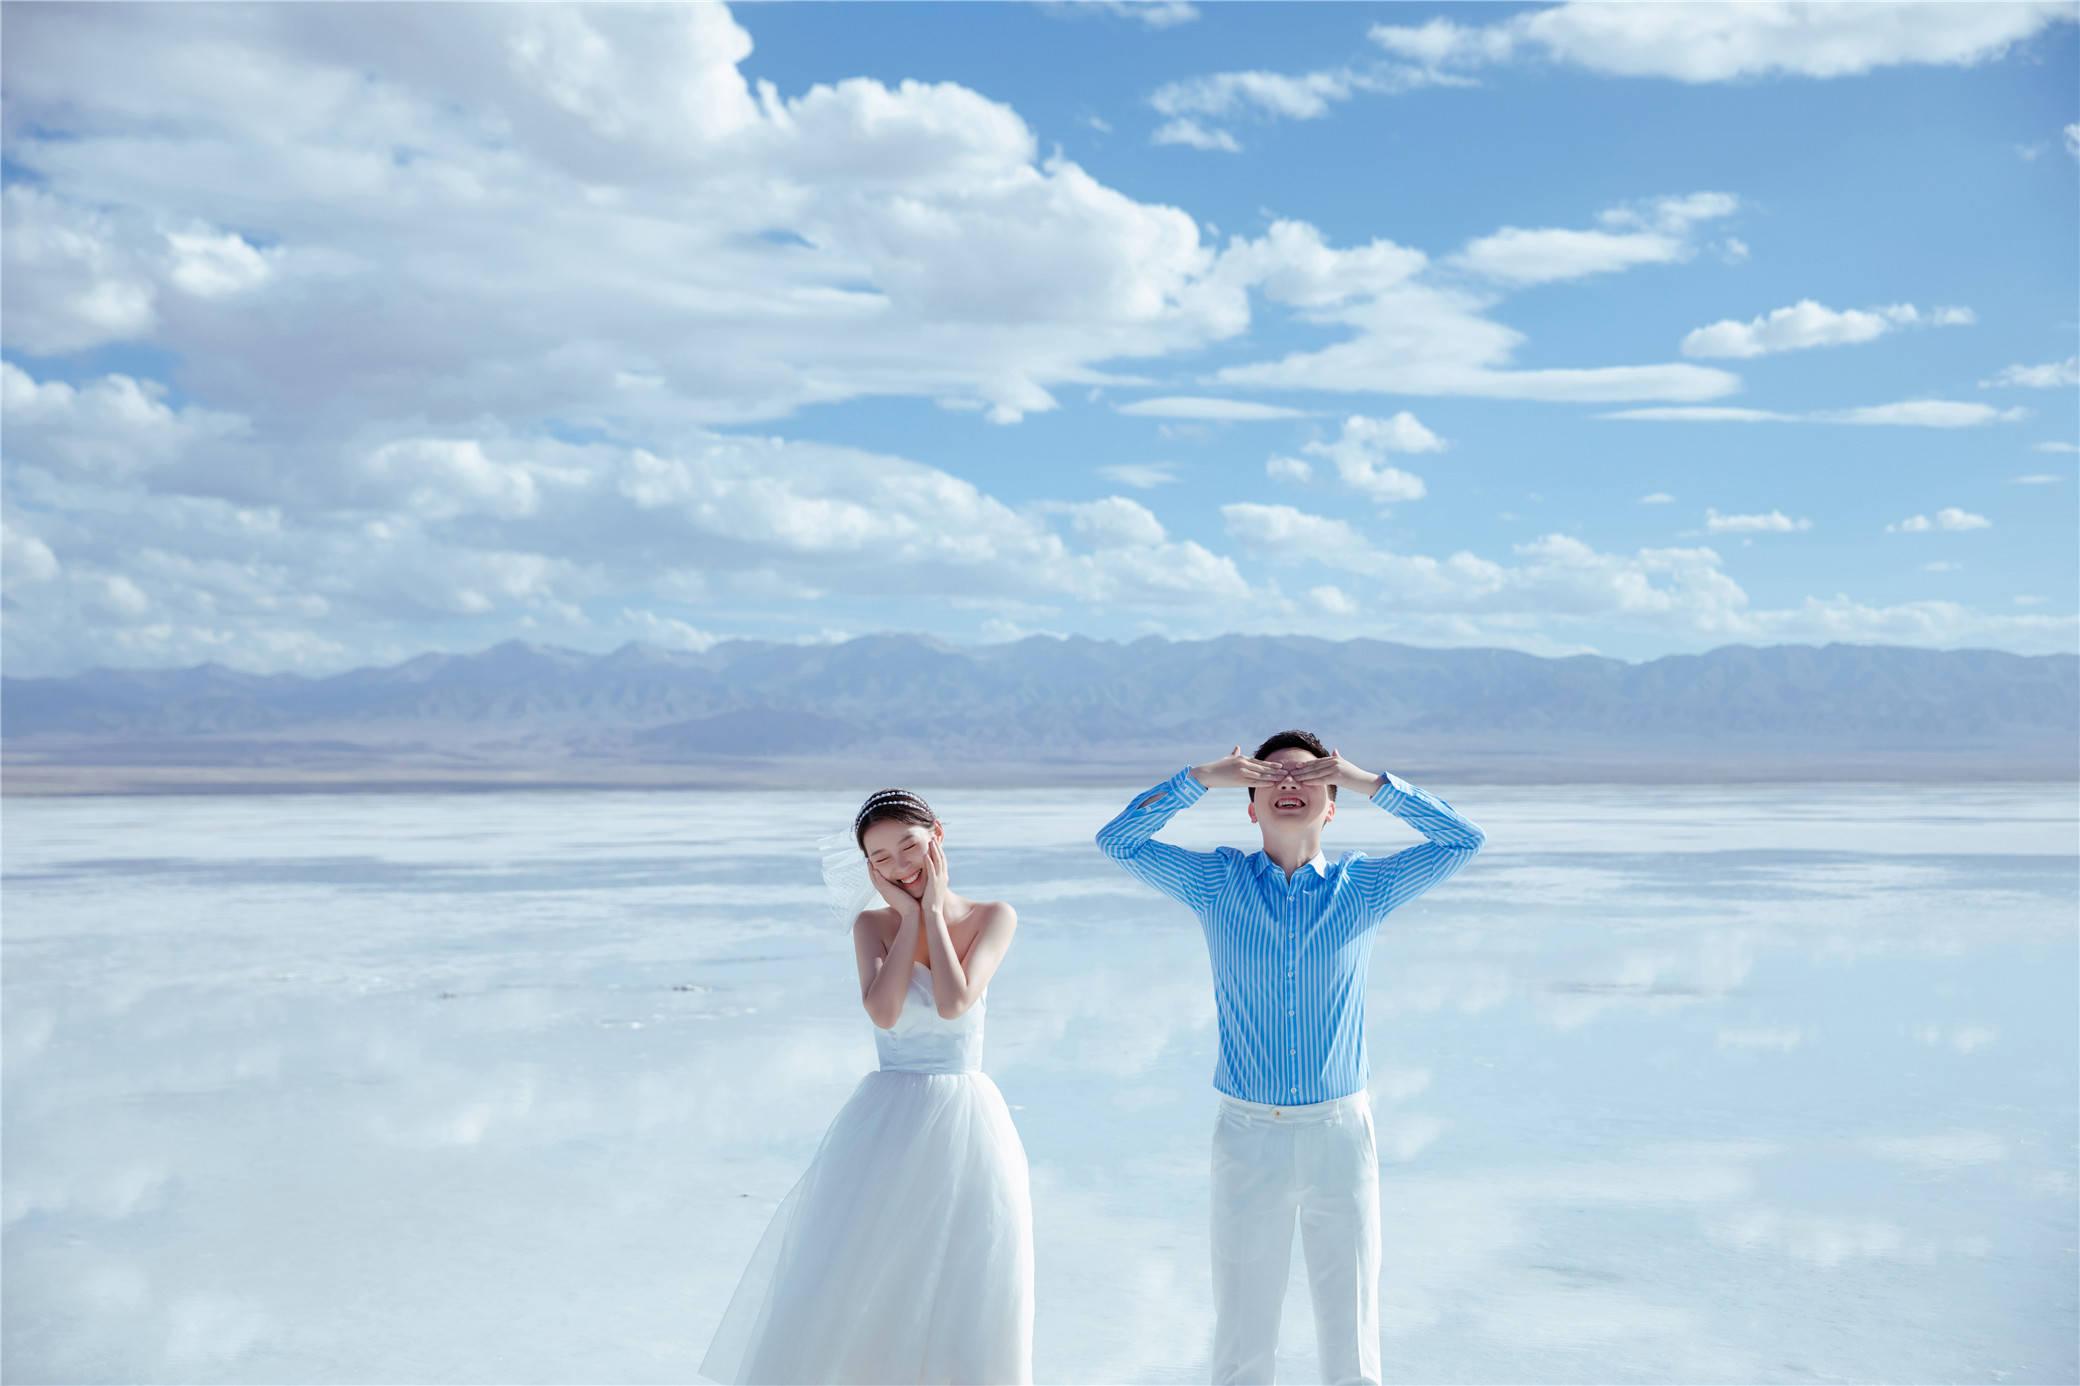 青海拍婚纱照_青海风景图片